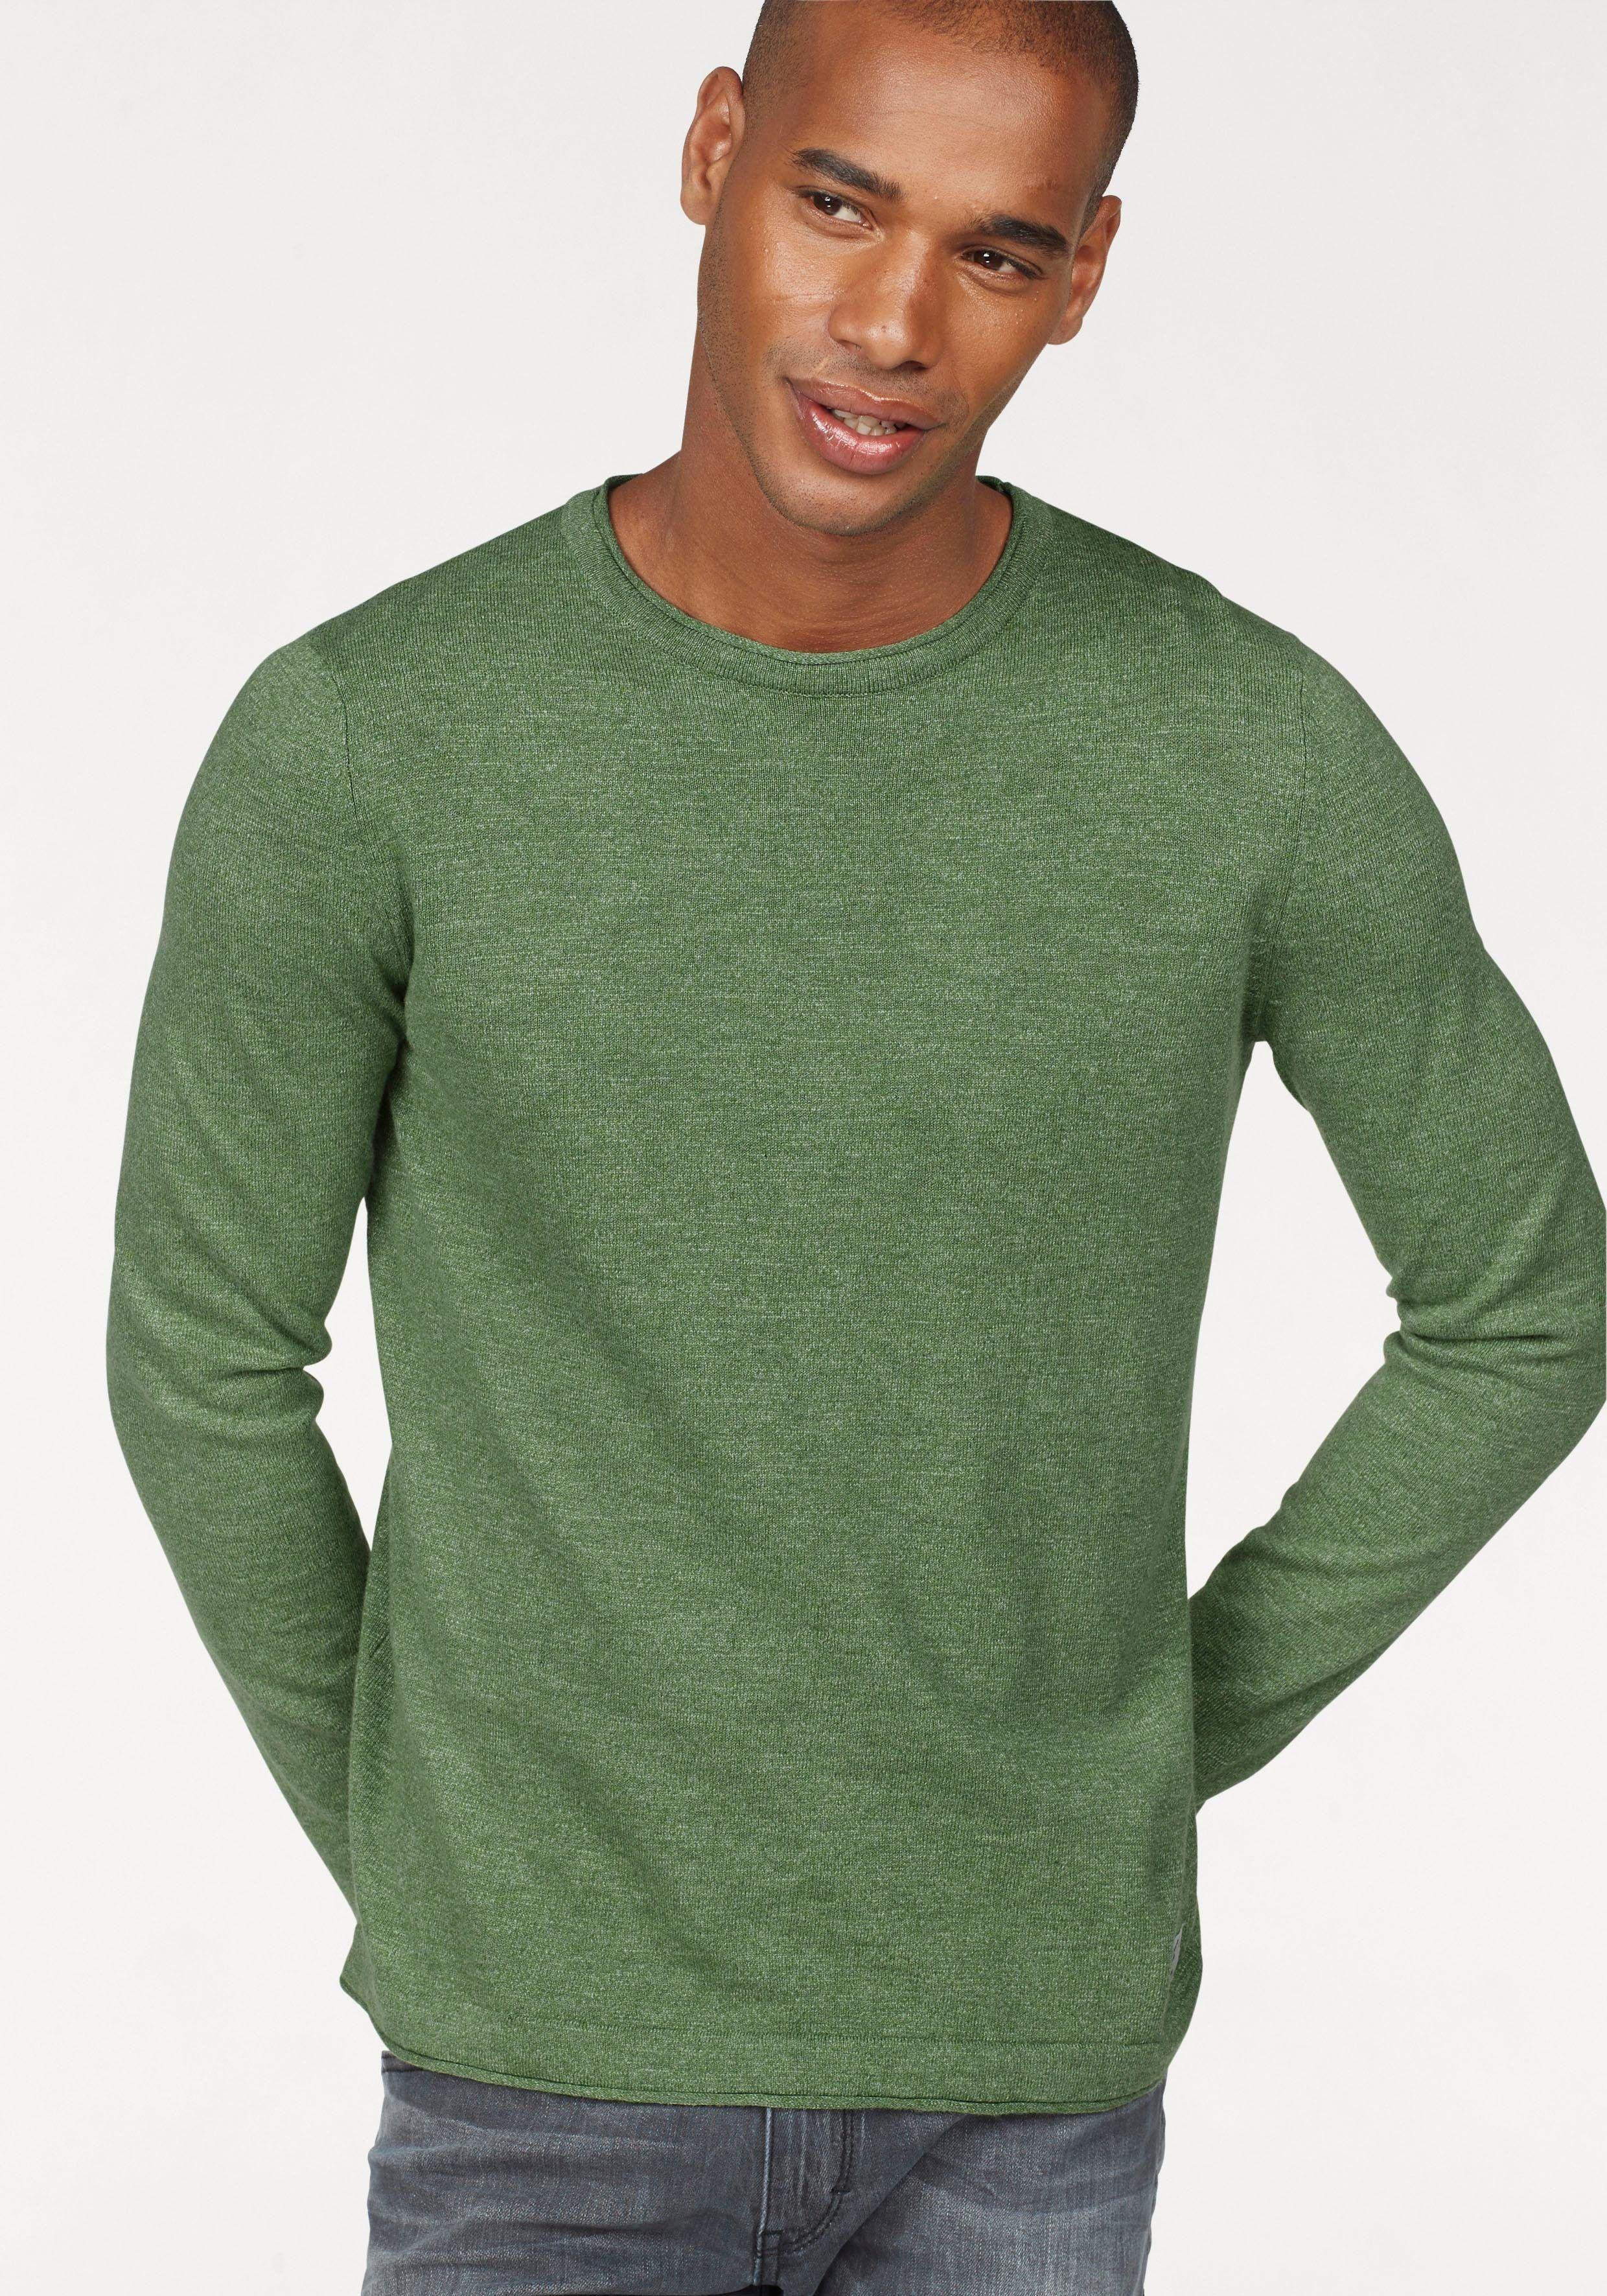 Pin by ladendirekt on Jacken | Men sweater, Fashion, Sweaters